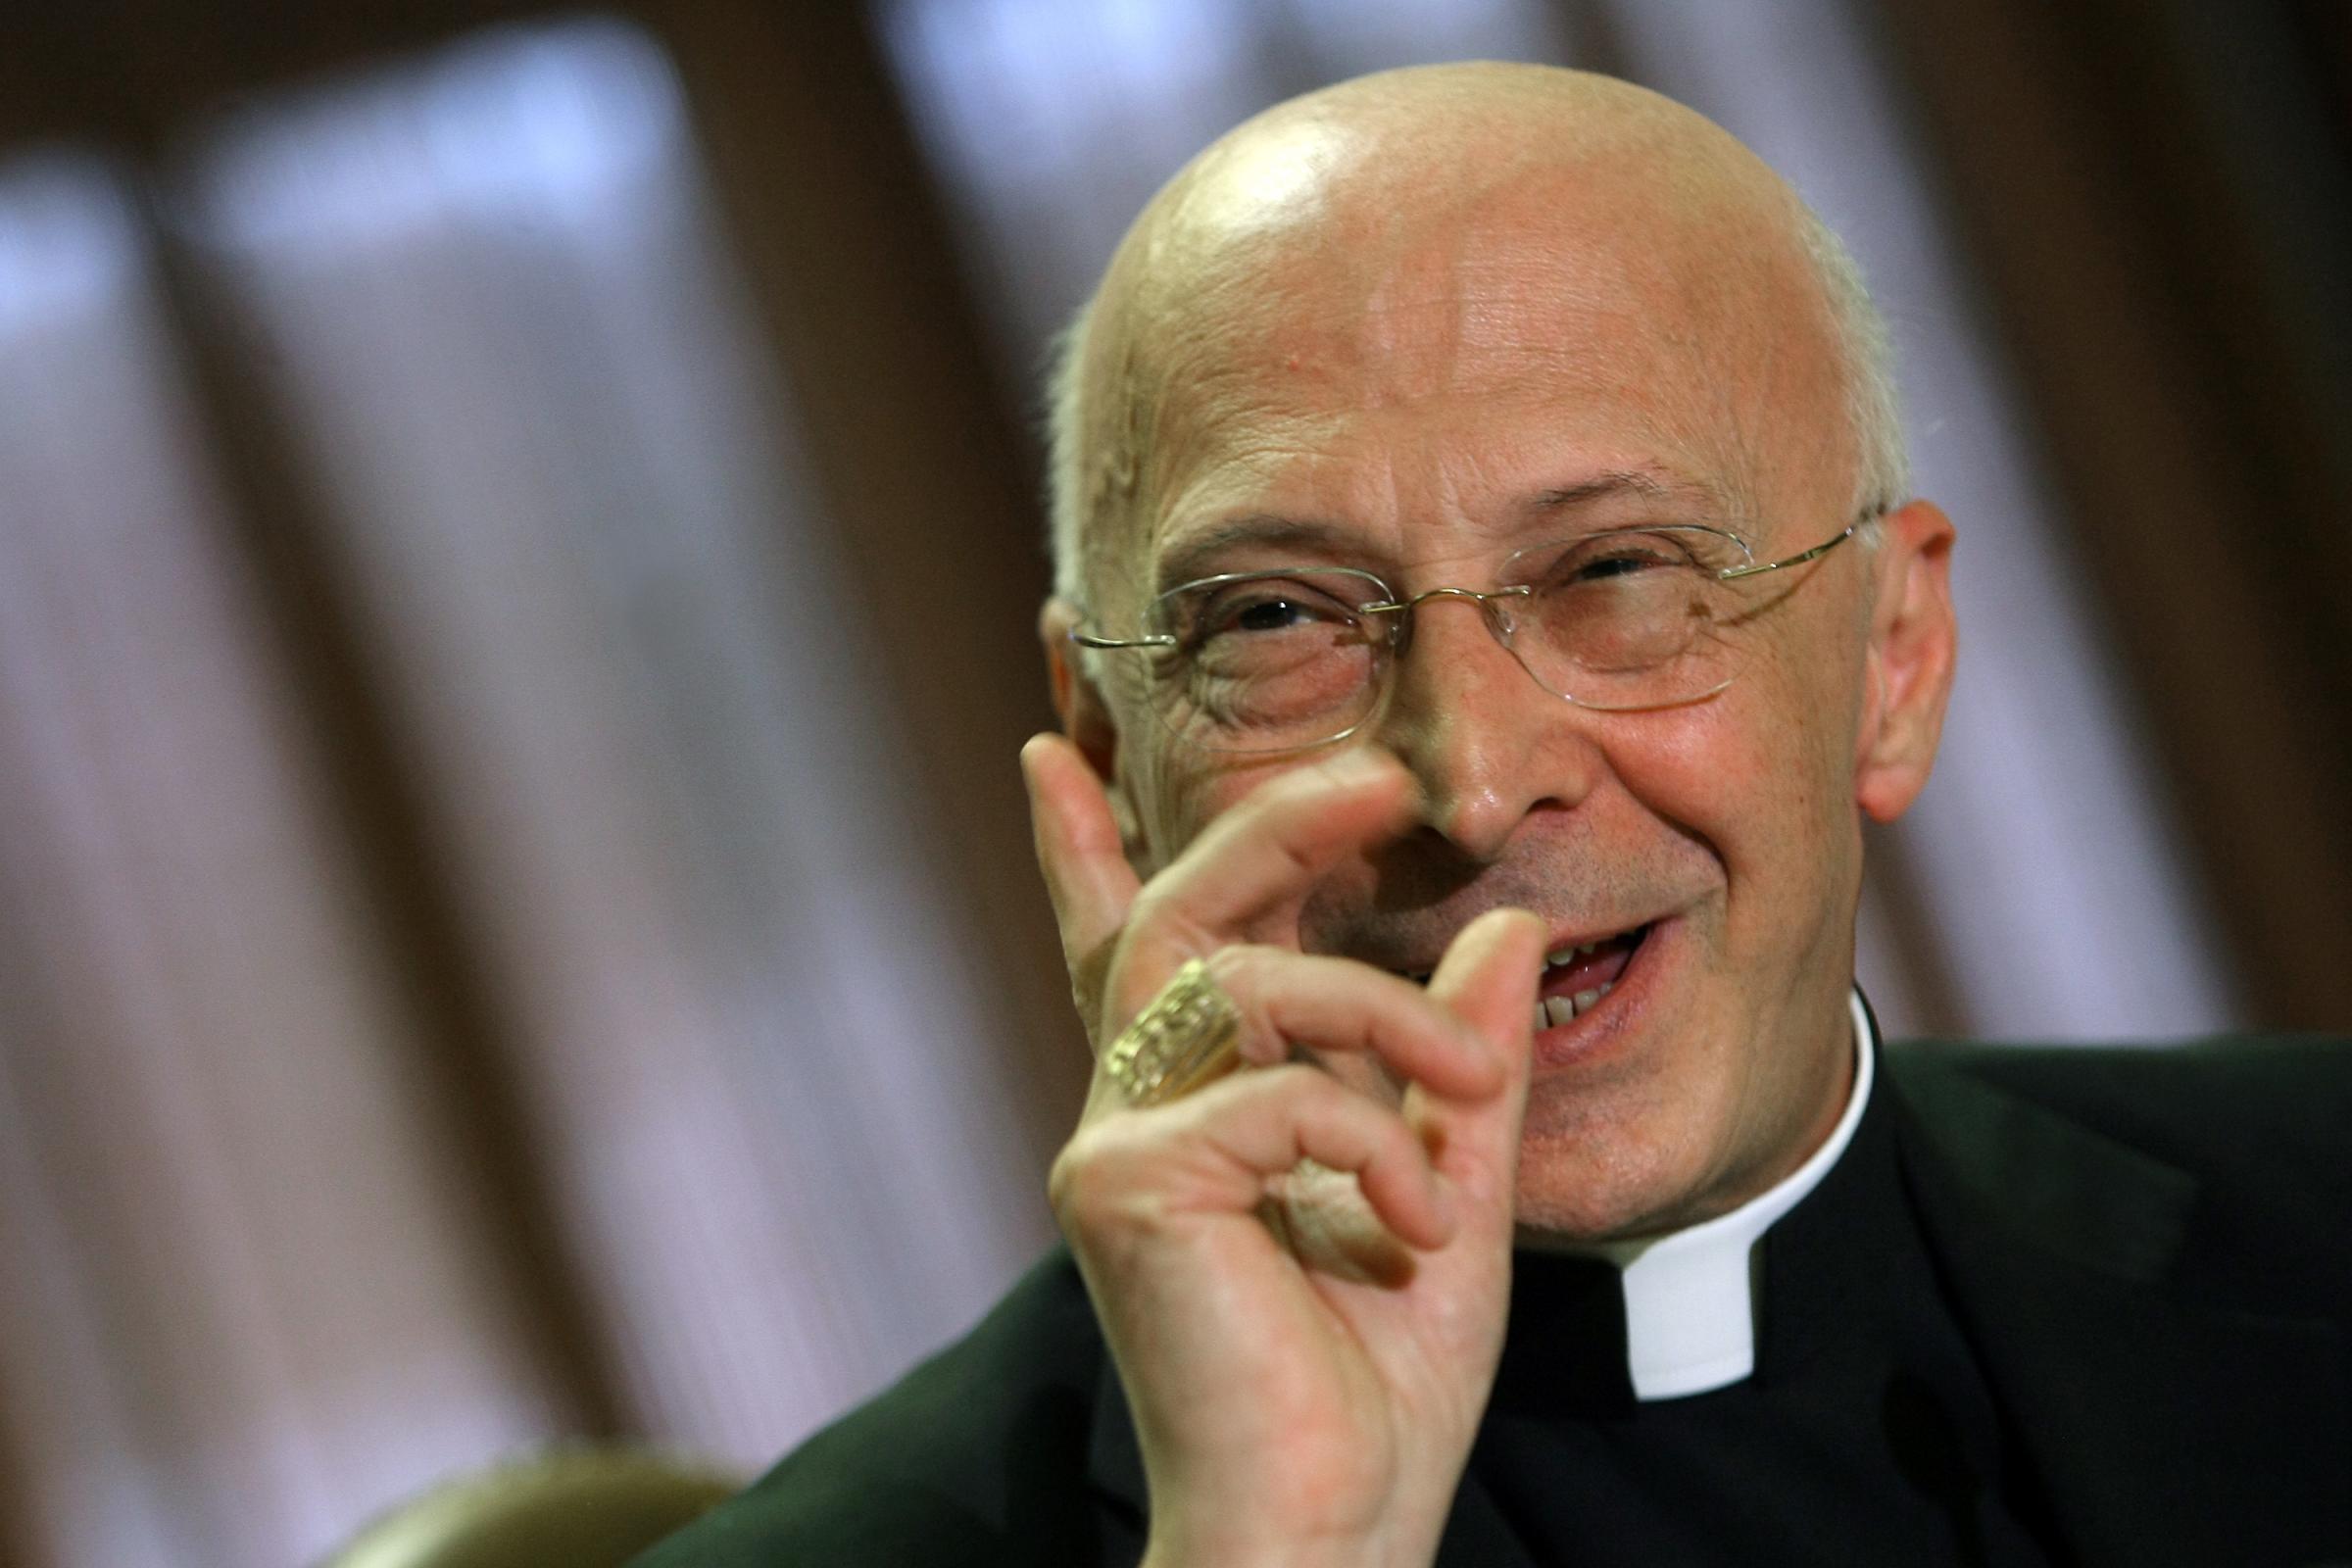 Bagnasco: Nessun privilegio, paghiamo gia' l'Ici. Lo stipendio di un vescovo? 1.300 euro